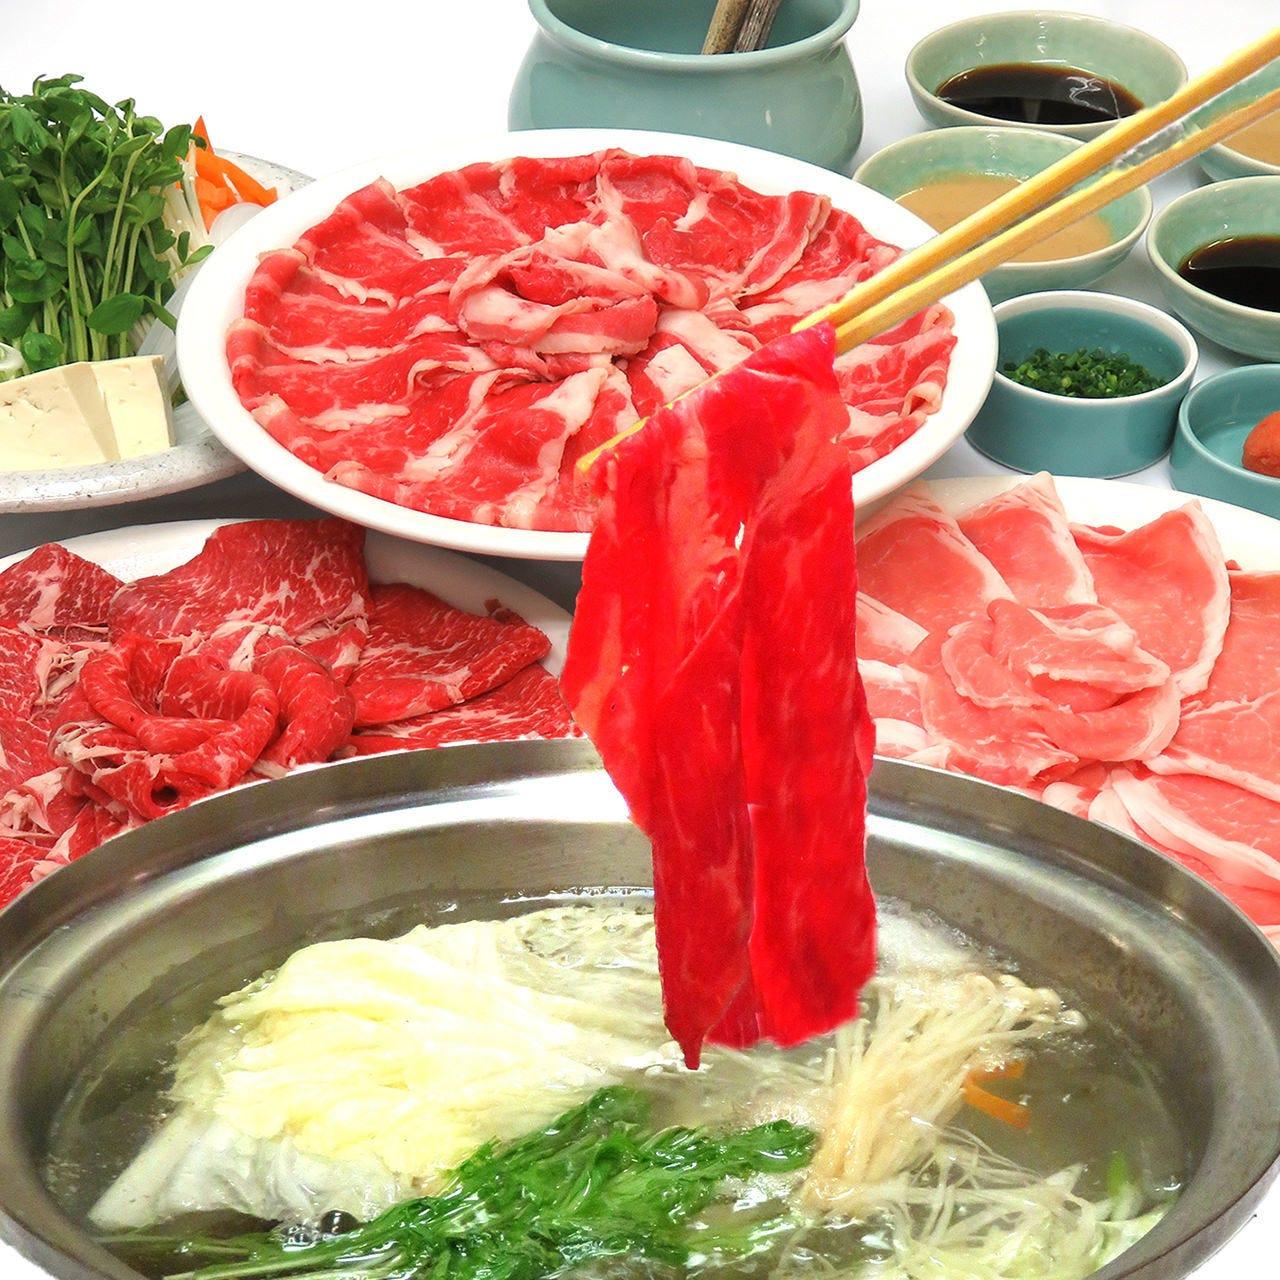 3種肉しゃぶしゃぶ食べ放題2,530円(税込)⇒1,980円(税込)